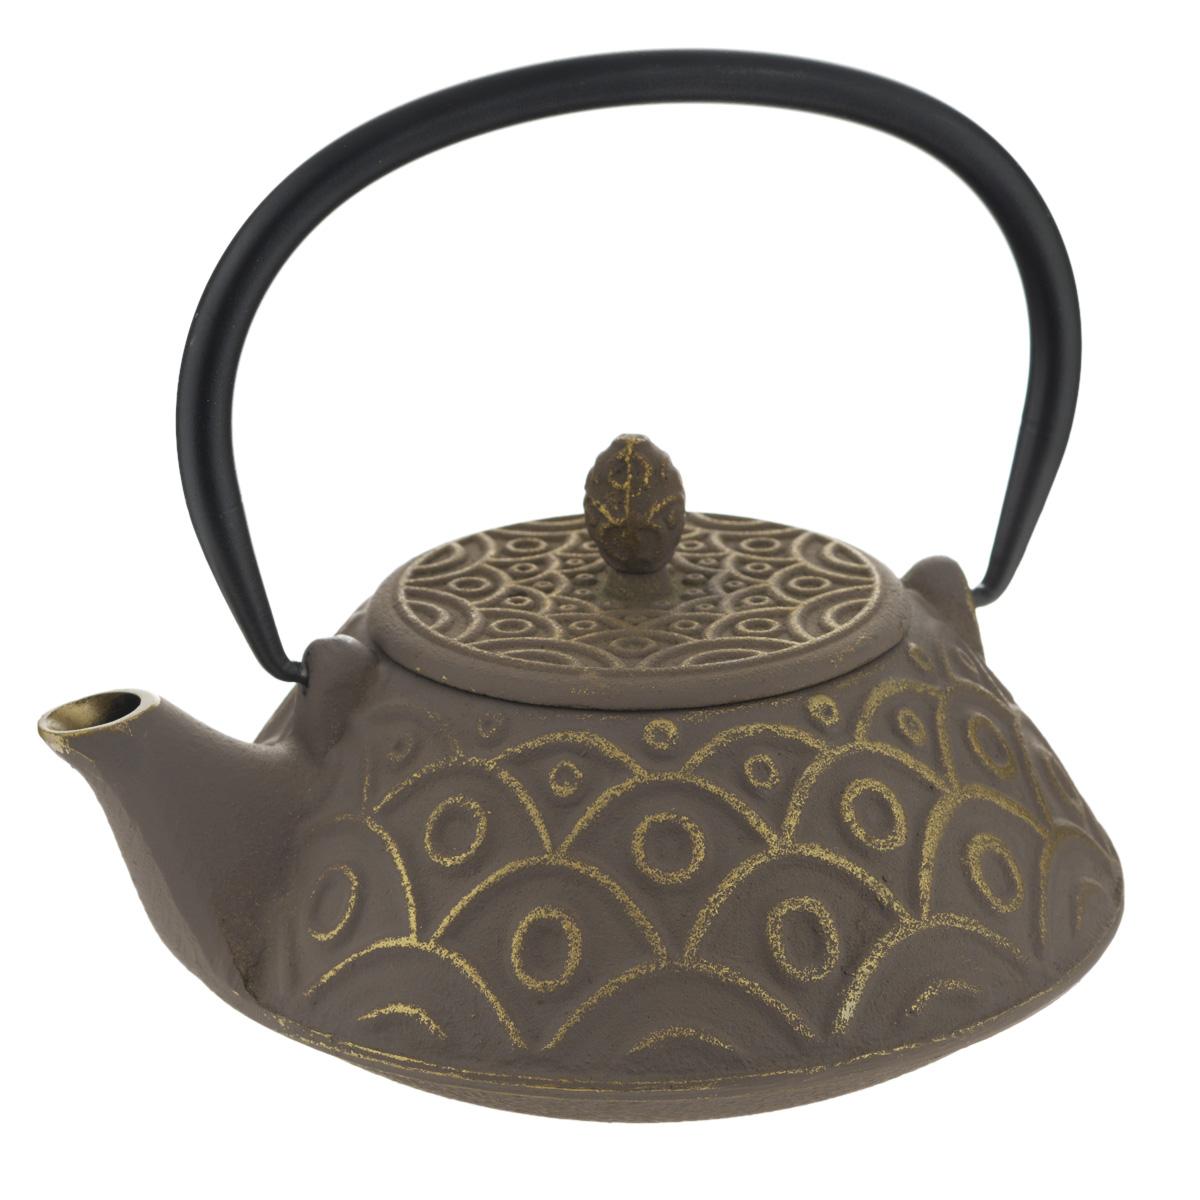 Чайник заварочный Mayer & Boch, 1 л. 2369823698Чайник заварочный Mayer & Boch изготовлен из чугуна - экологически чистого материала, который не тускнеет и не деформируется. Он долговечен и устойчив к воздействию высоких температур. Главное достоинство чугунного чайника - способность длительно сохранять тепло, чай в таком чайнике сохраняет свой вкус и свежий аромат долгое время. Внутренняя колба чайника выполнена из нержавеющей стали. Изделие оснащено удобной ручкой. Классический стиль, приятная цветовая гамма и оптимальный объем делают чайник удобным и оригинальным аксессуаром, который прекрасно подойдет как для ежедневного использования, так и для специальной чайной церемонии. Чайник нельзя мыть в посудомоечной машине. Диаметр по верхнему краю: 8 см. Высота (без учета крышки): 8,5 см. Диаметр дна: 6,5 см.